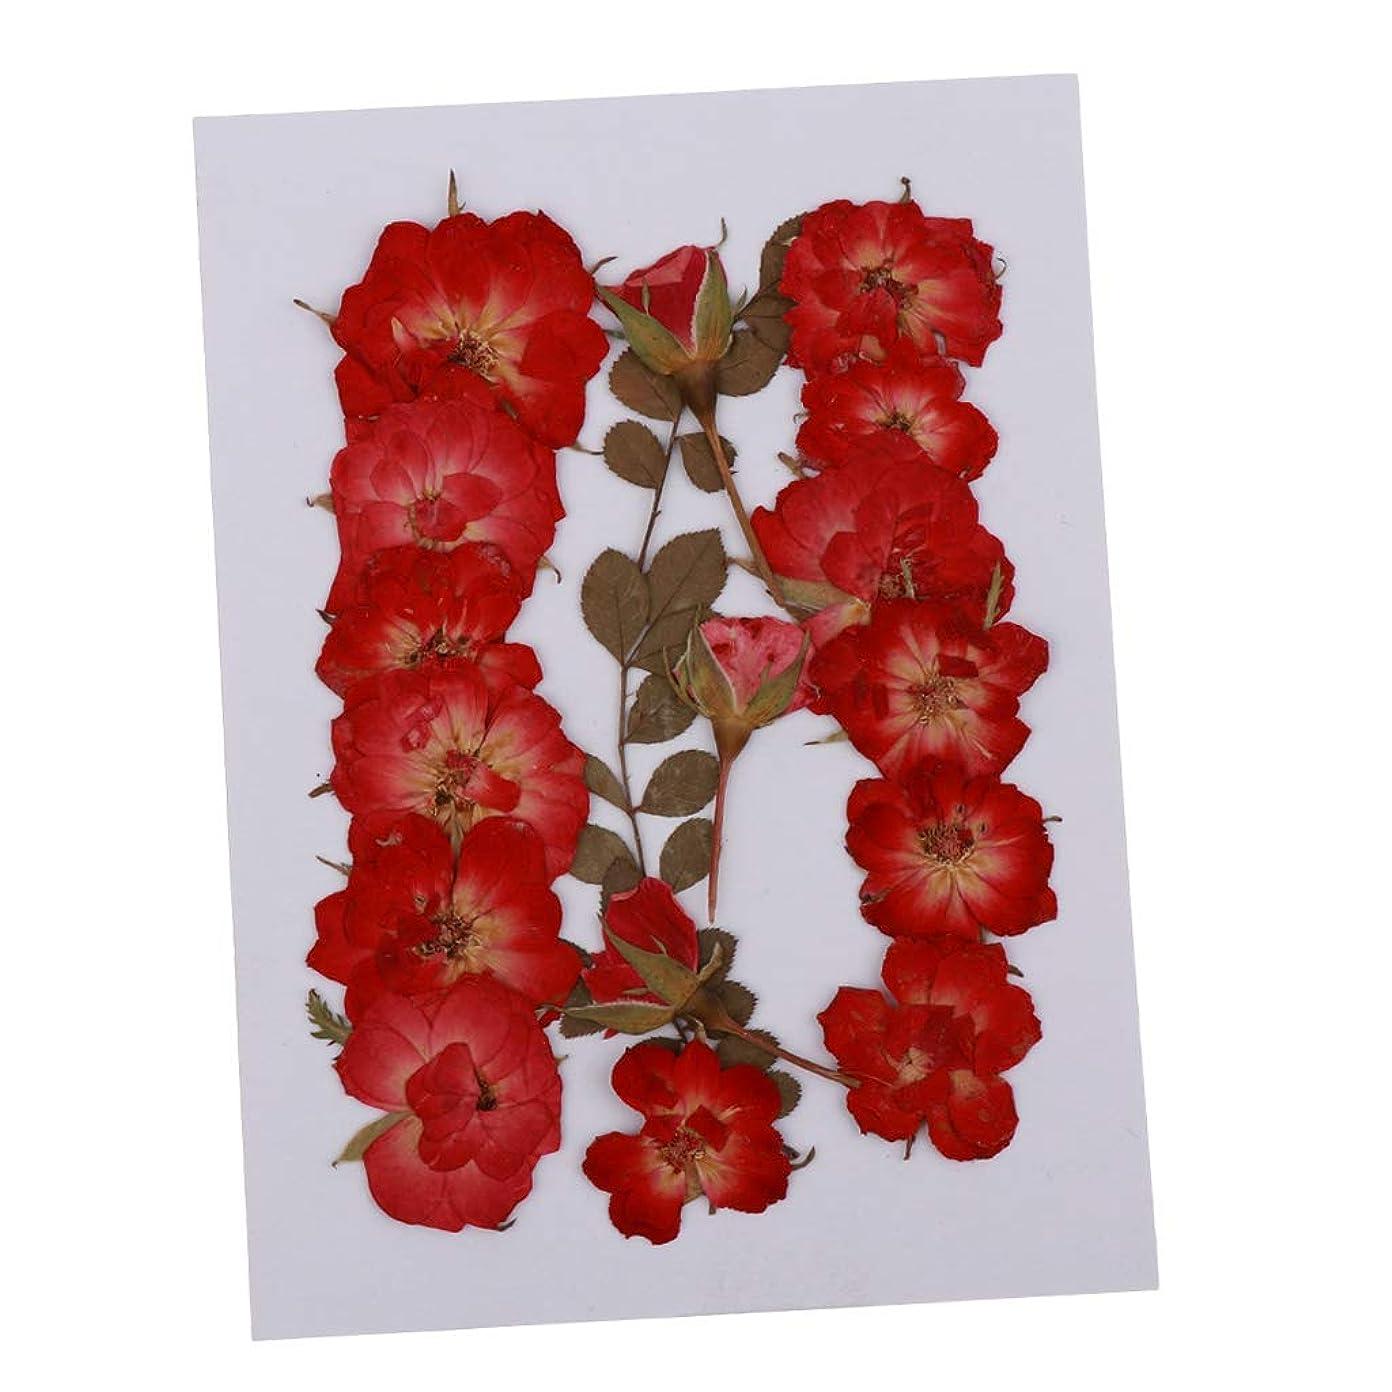 また明日ねクーポンナチュラルjoyMerit 複数の押し花、バラのつぼみの葉、手作りのスクラップボッキングウェディングカード用の実際の押し花ドライフラワーDIY樹脂ジュエリークラフトフローラルアートインテリア